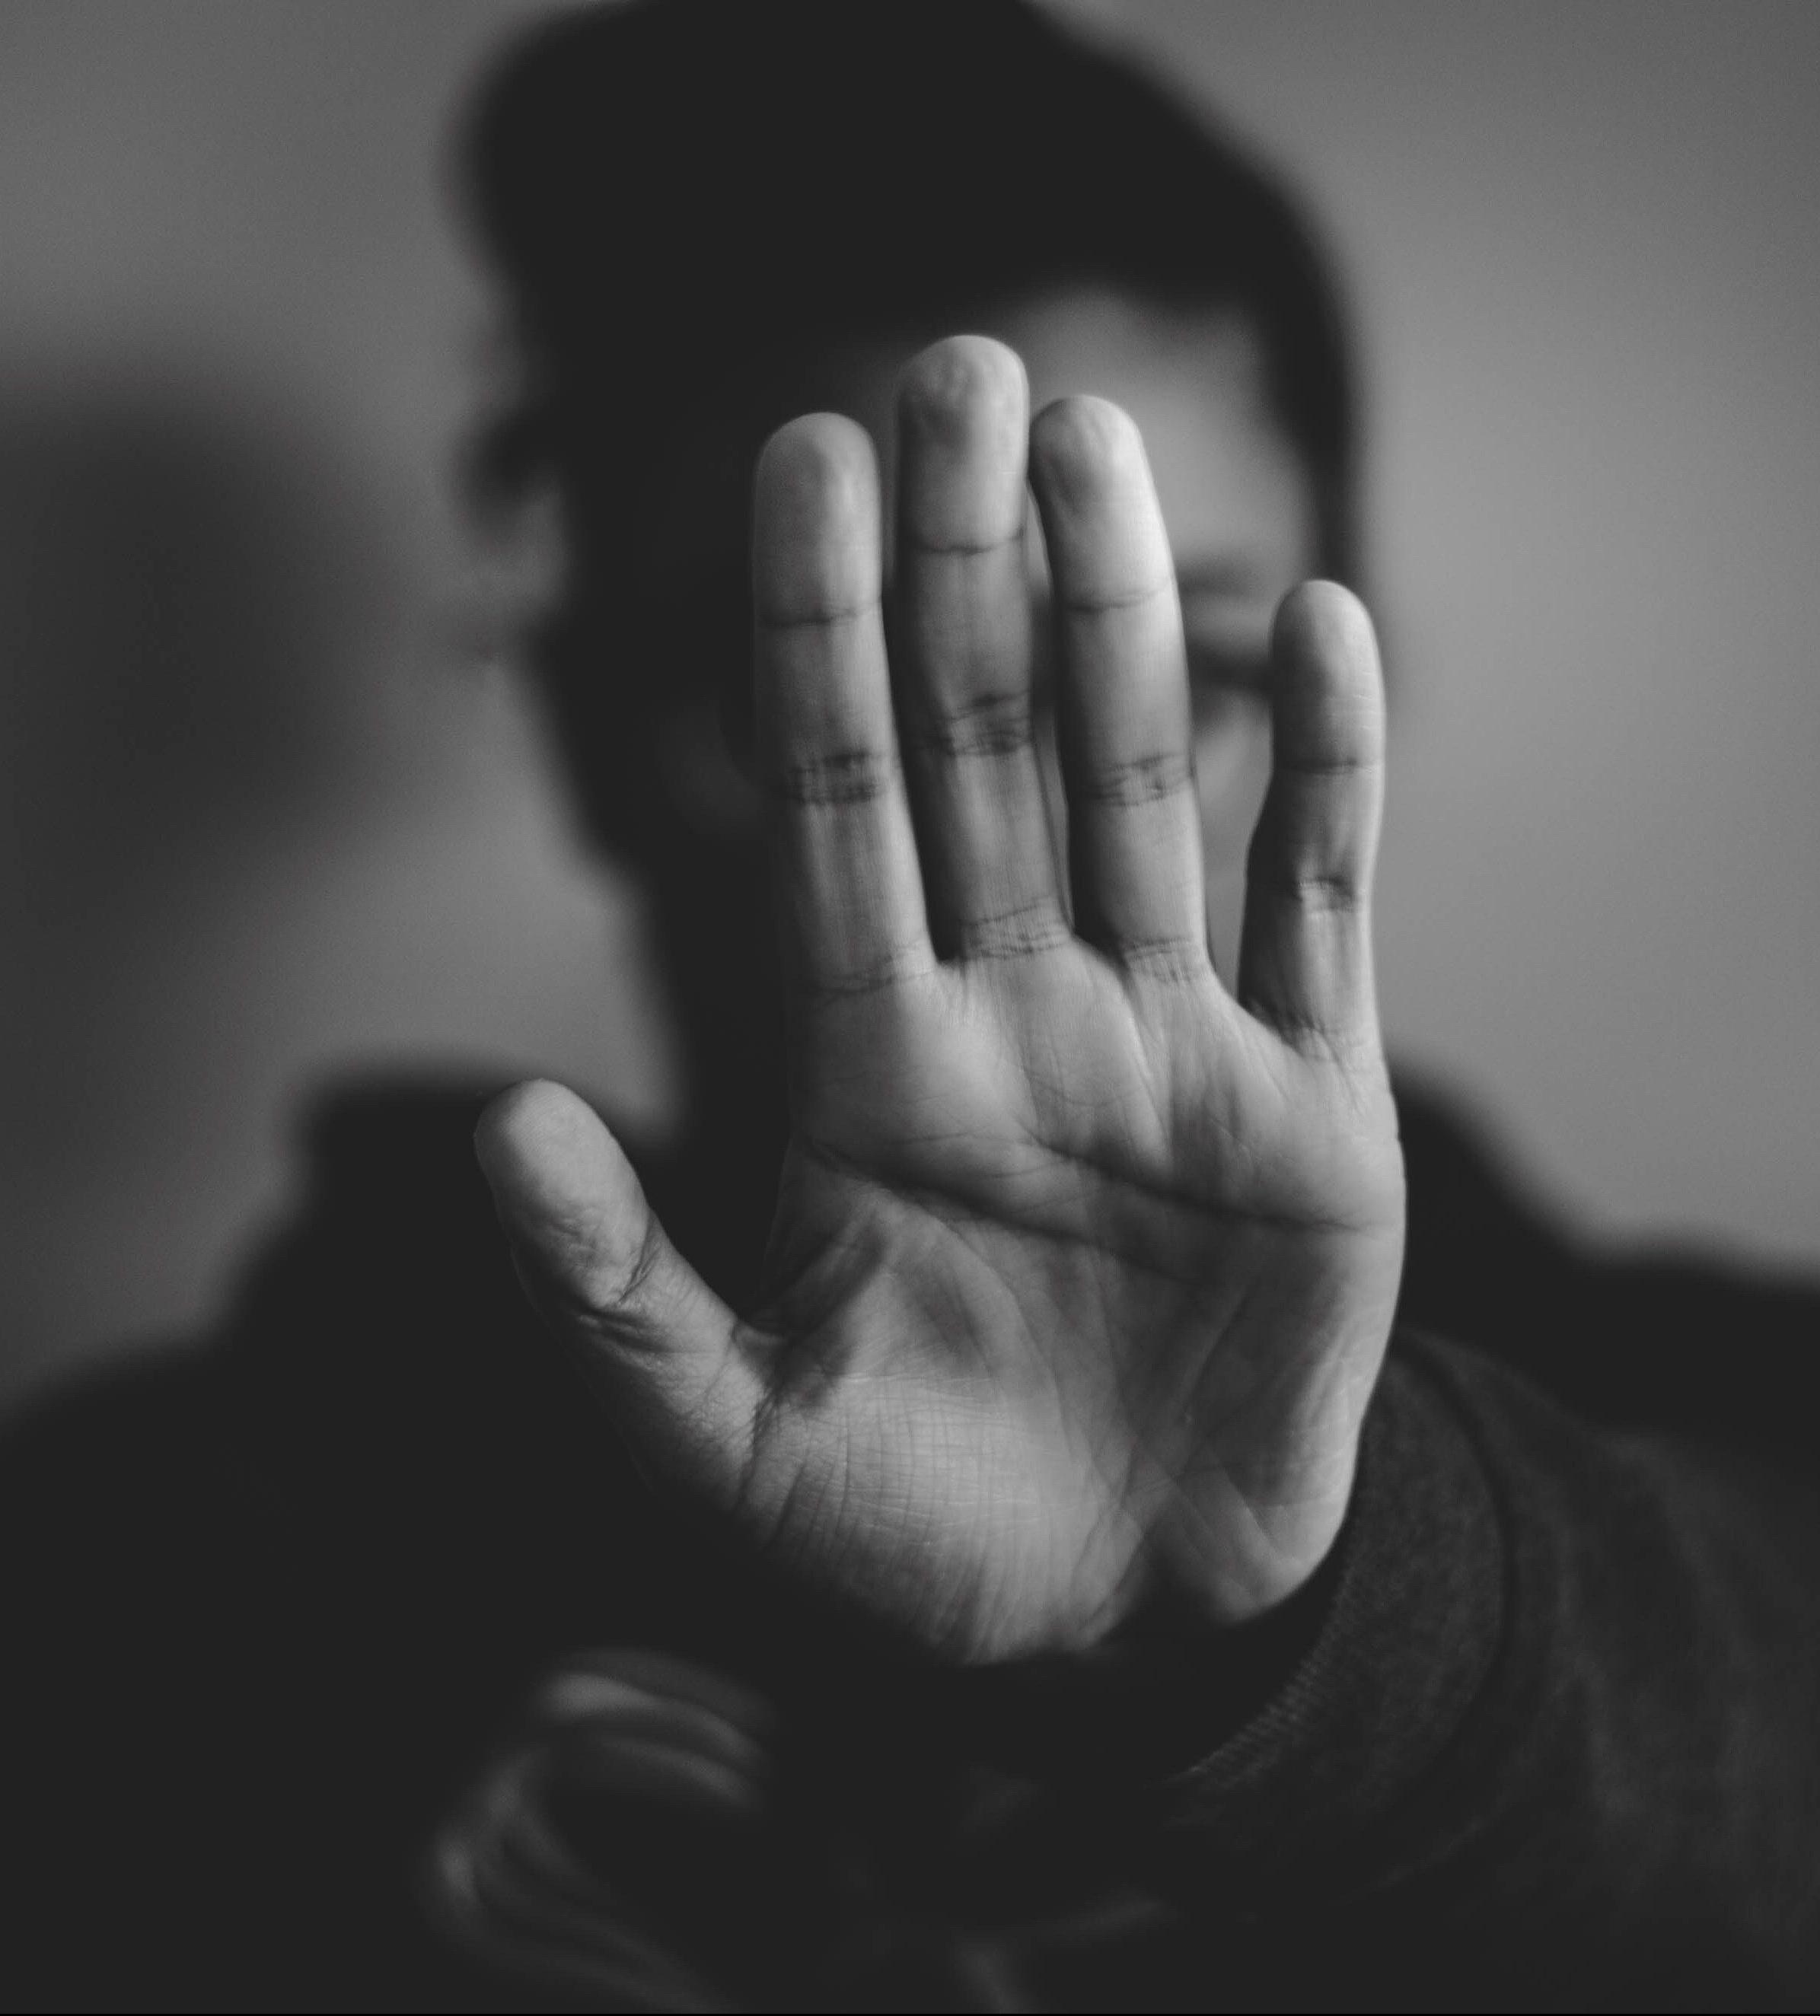 Angstbehandling - stop tankerne